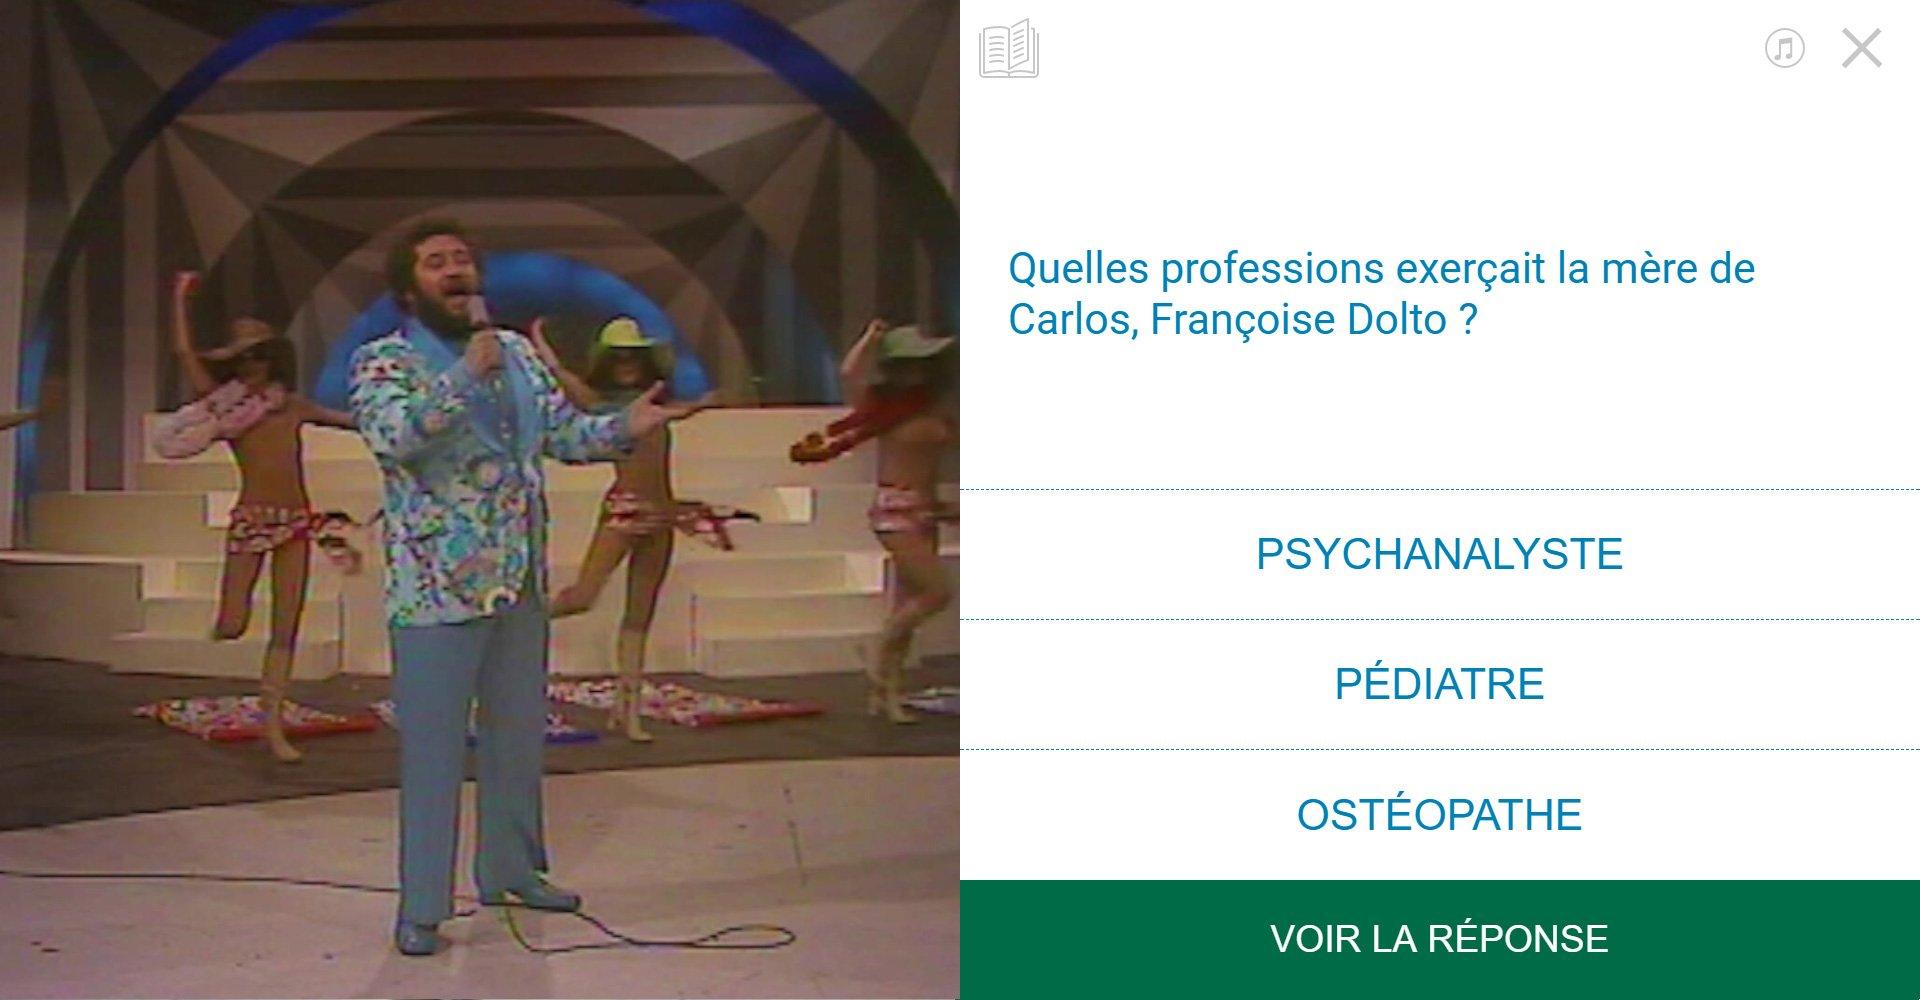 TVneurones Le Grand Jeu : logiciel qui utilise les archives vidéos de l'INA pour la stimuler les capacités cognitives des personnes âgées - exemple activité module culture générale avec Carlos